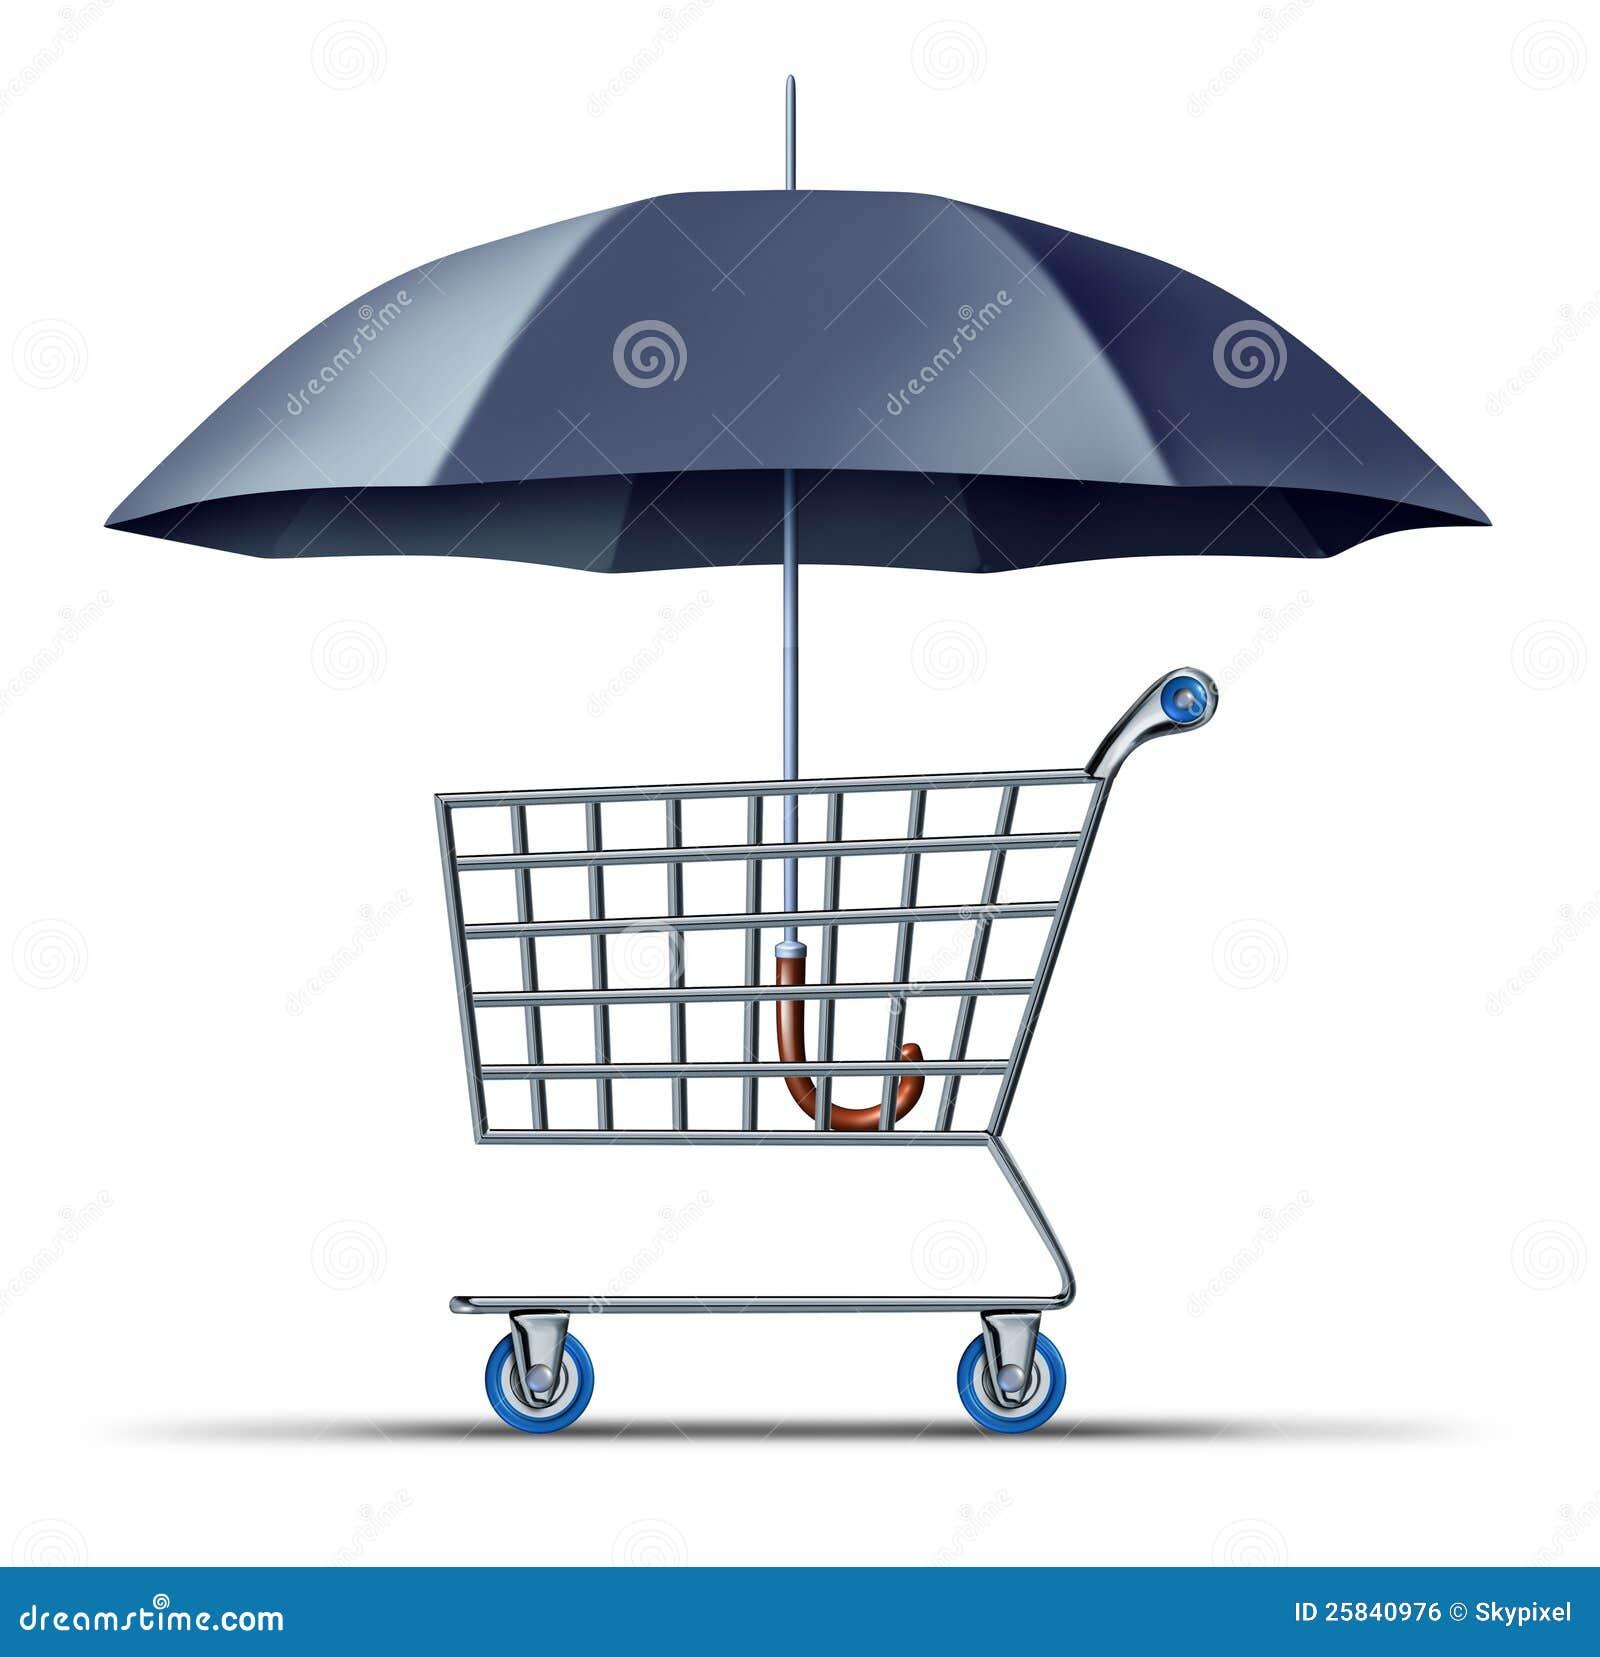 garantie et protection du consommateur illustration stock illustration 25840976. Black Bedroom Furniture Sets. Home Design Ideas